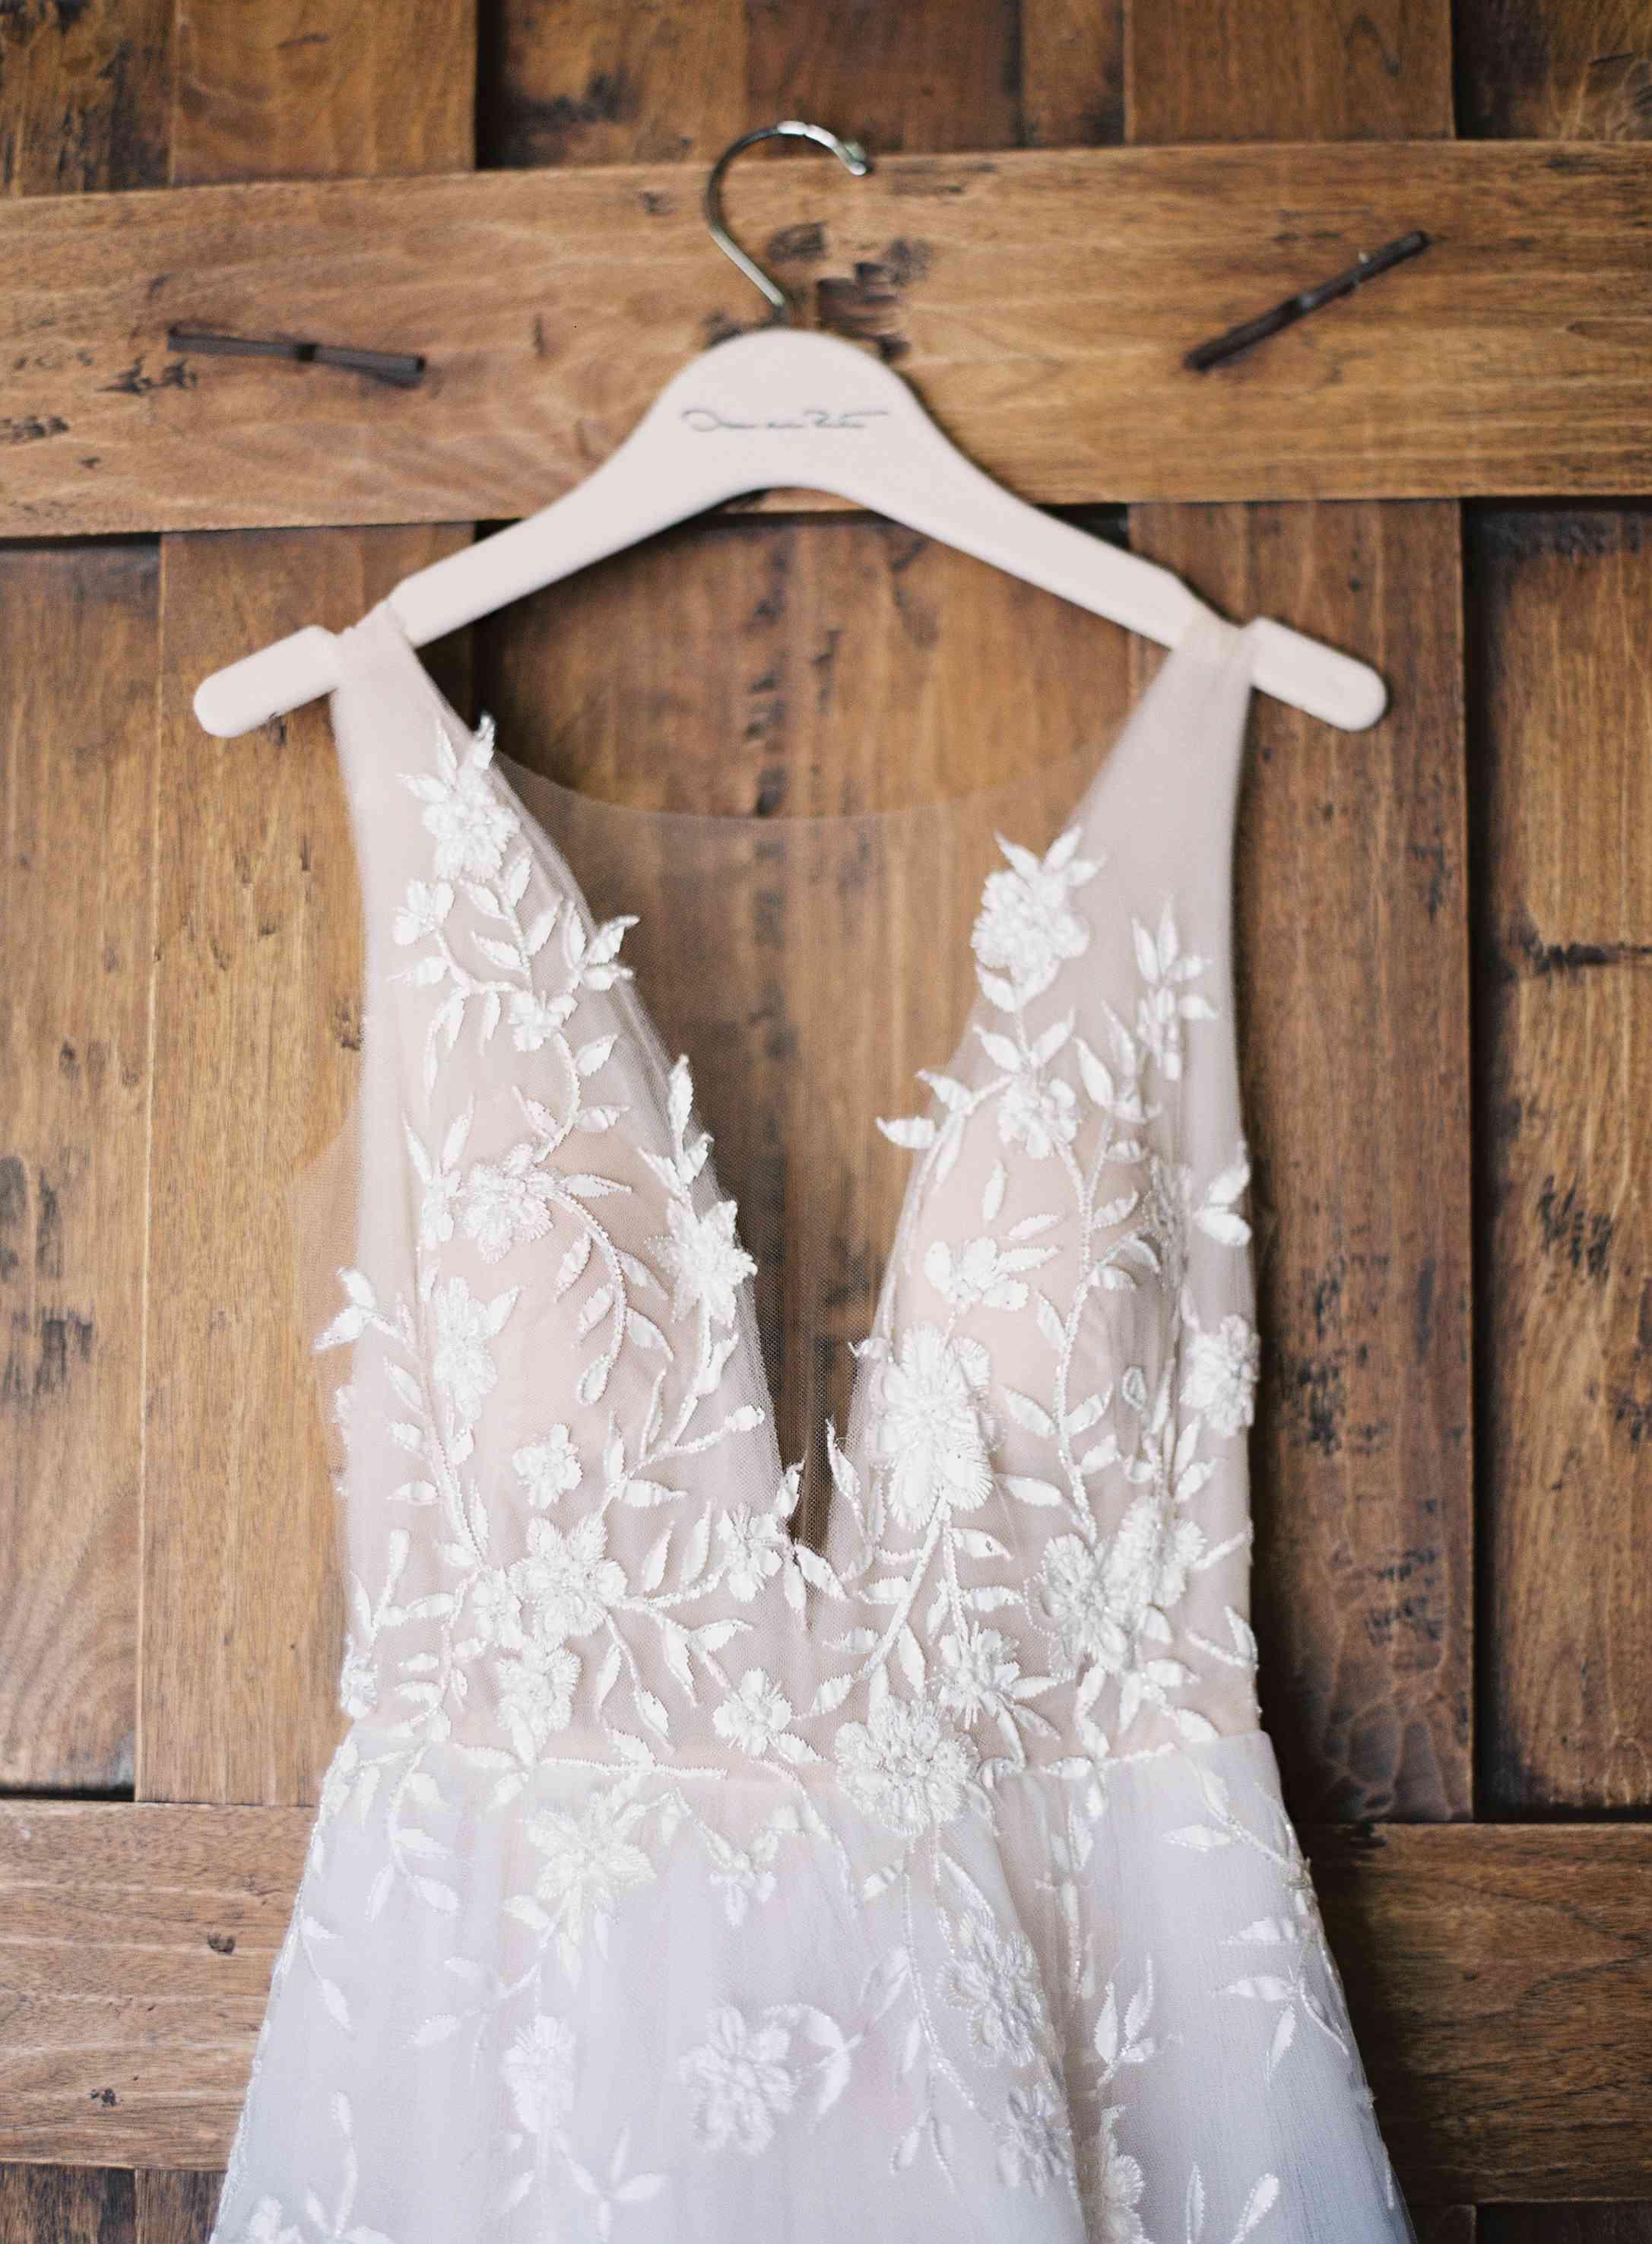 hanging V-neck wedding dress